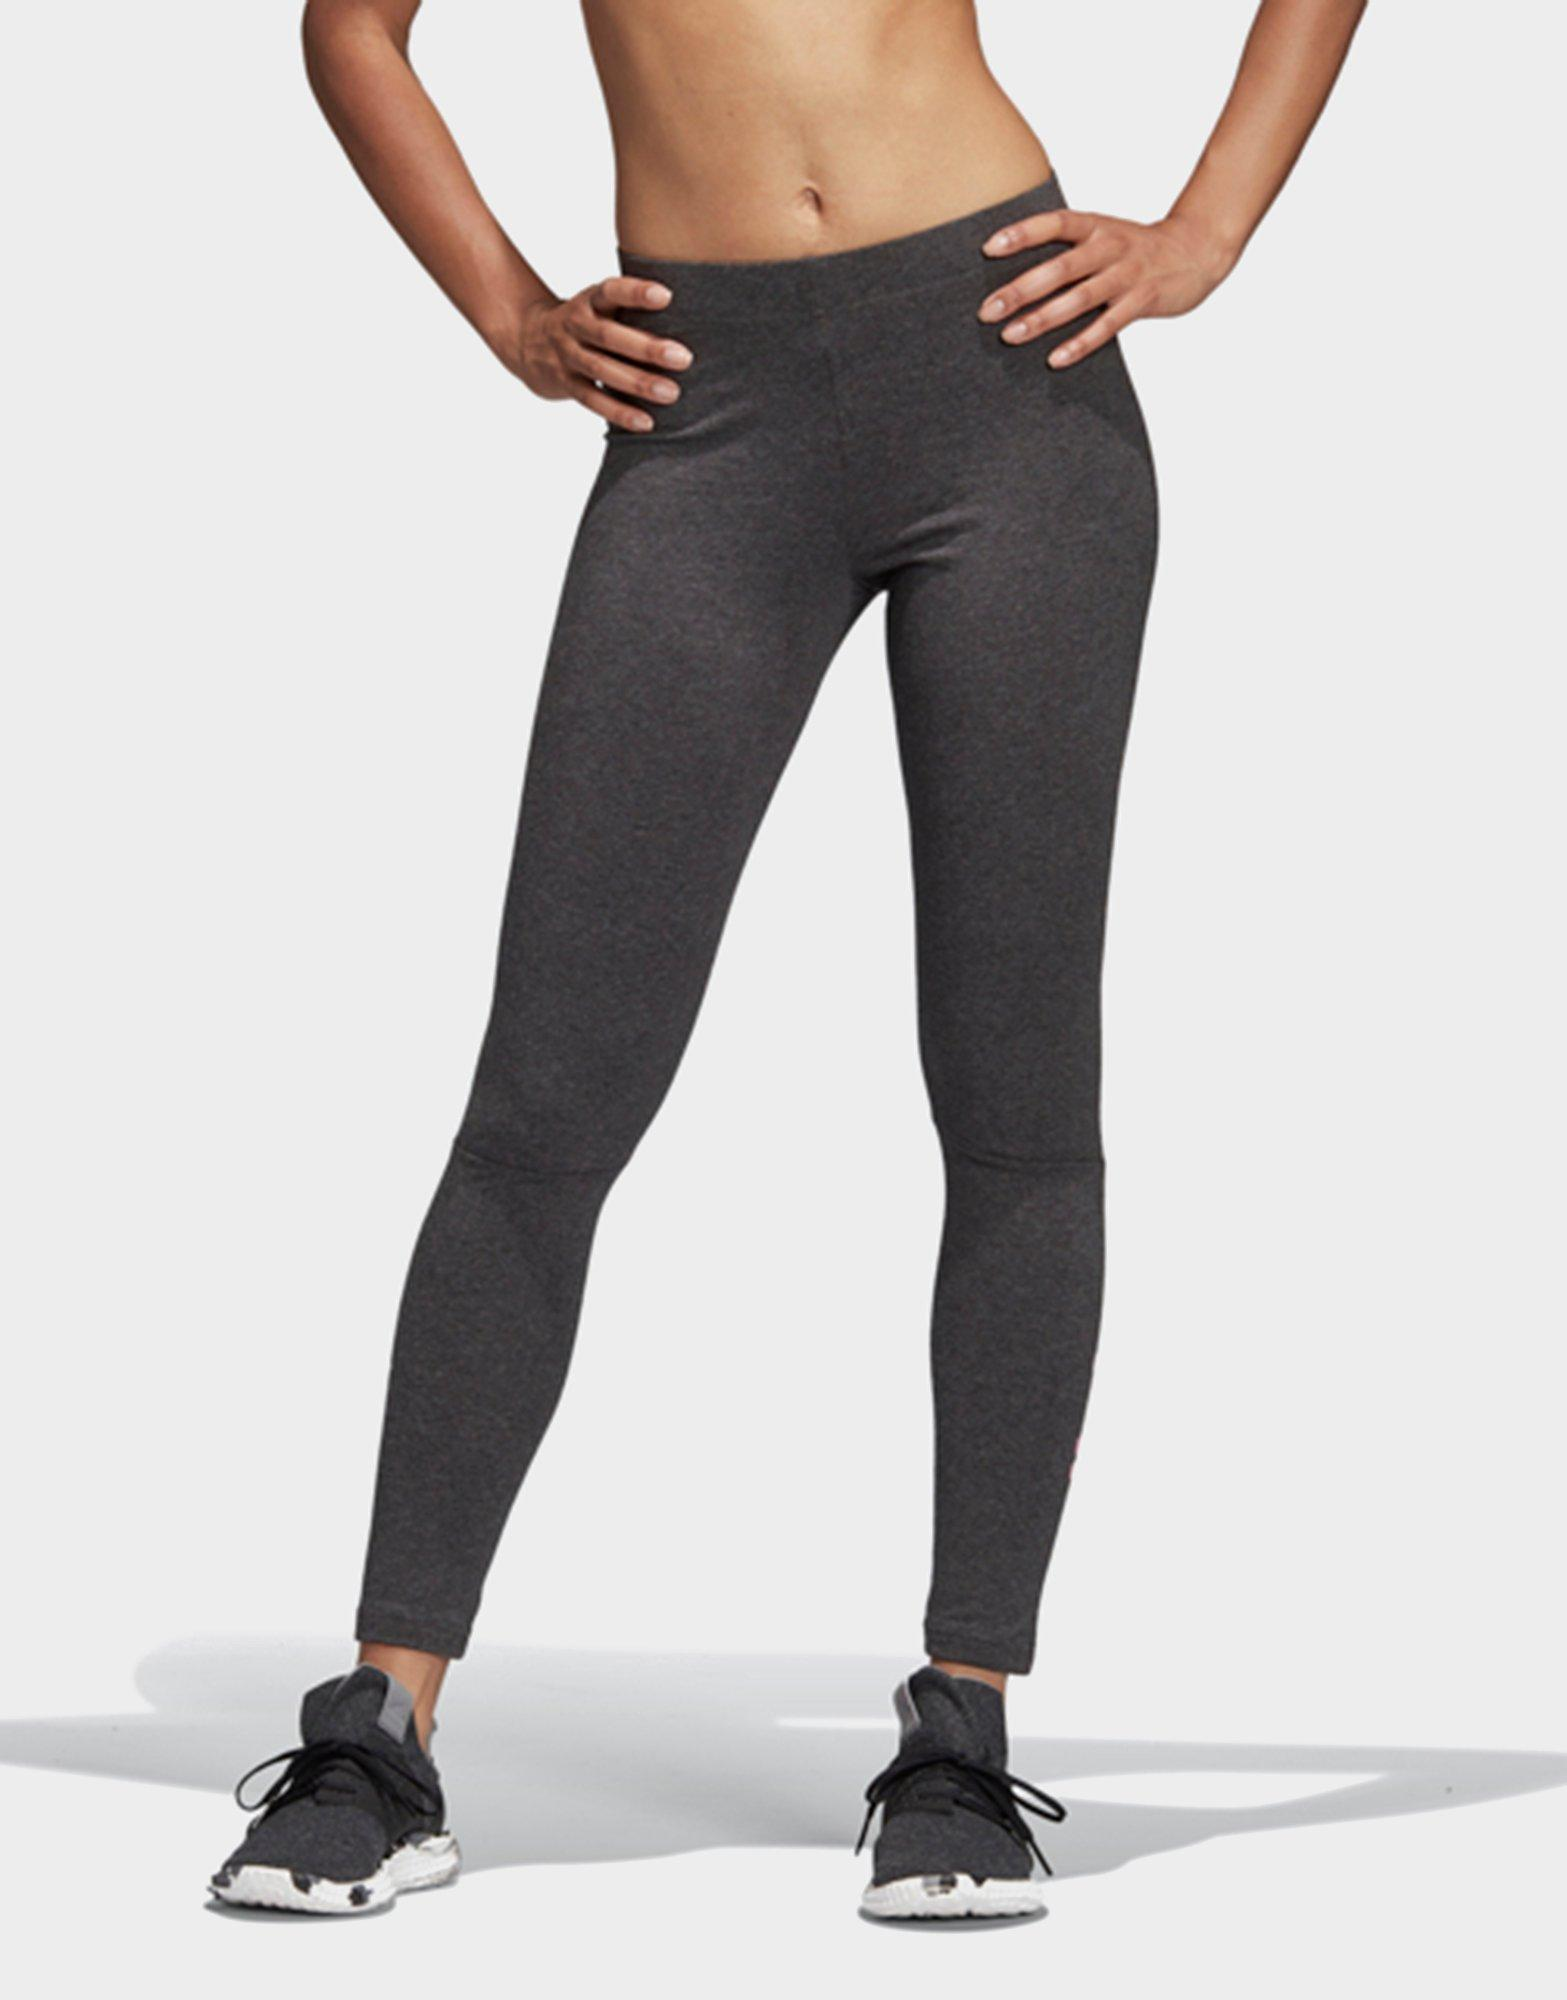 b1fe0fcffb7a8 Adidas Essentials Linear Tights in Gray - Lyst